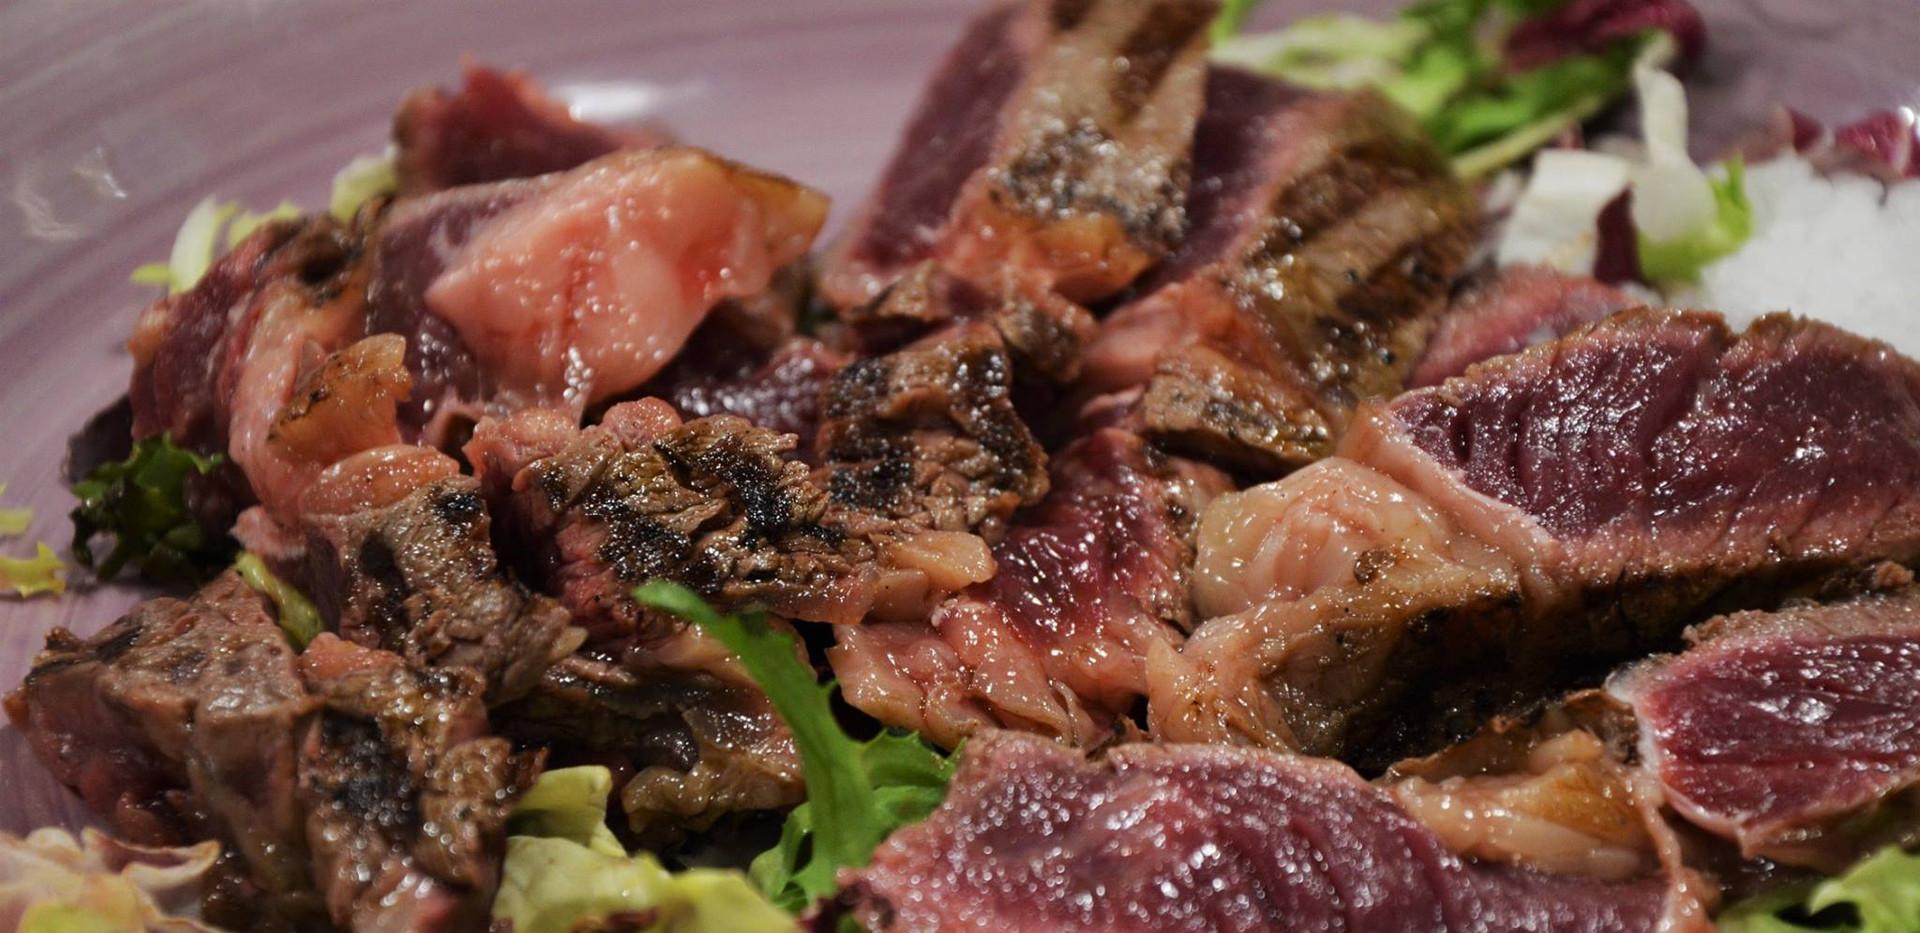 tagliata di carne danese #osteriadarbruttone